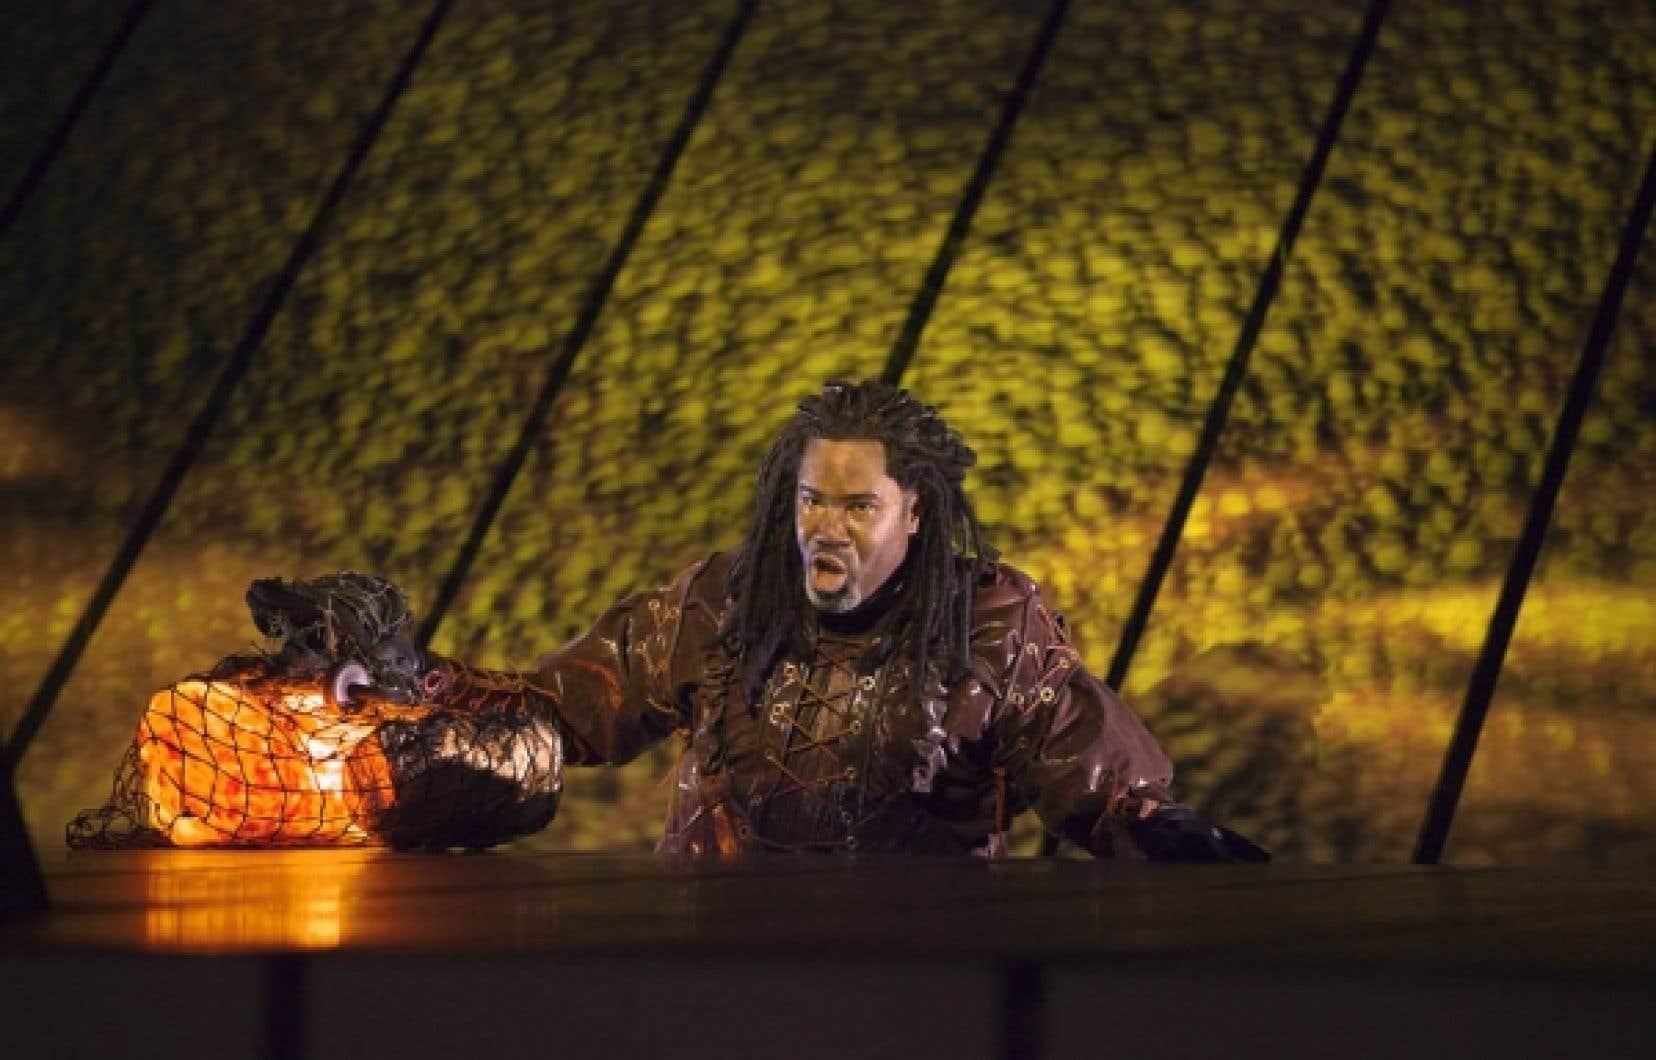 Le nain Alberich (Eric Owens) s&rsquo;emparant de l&rsquo;or du Rhin dans la production de Das Rheingold par Robert Lepage au Metropolitan Opera.<br />